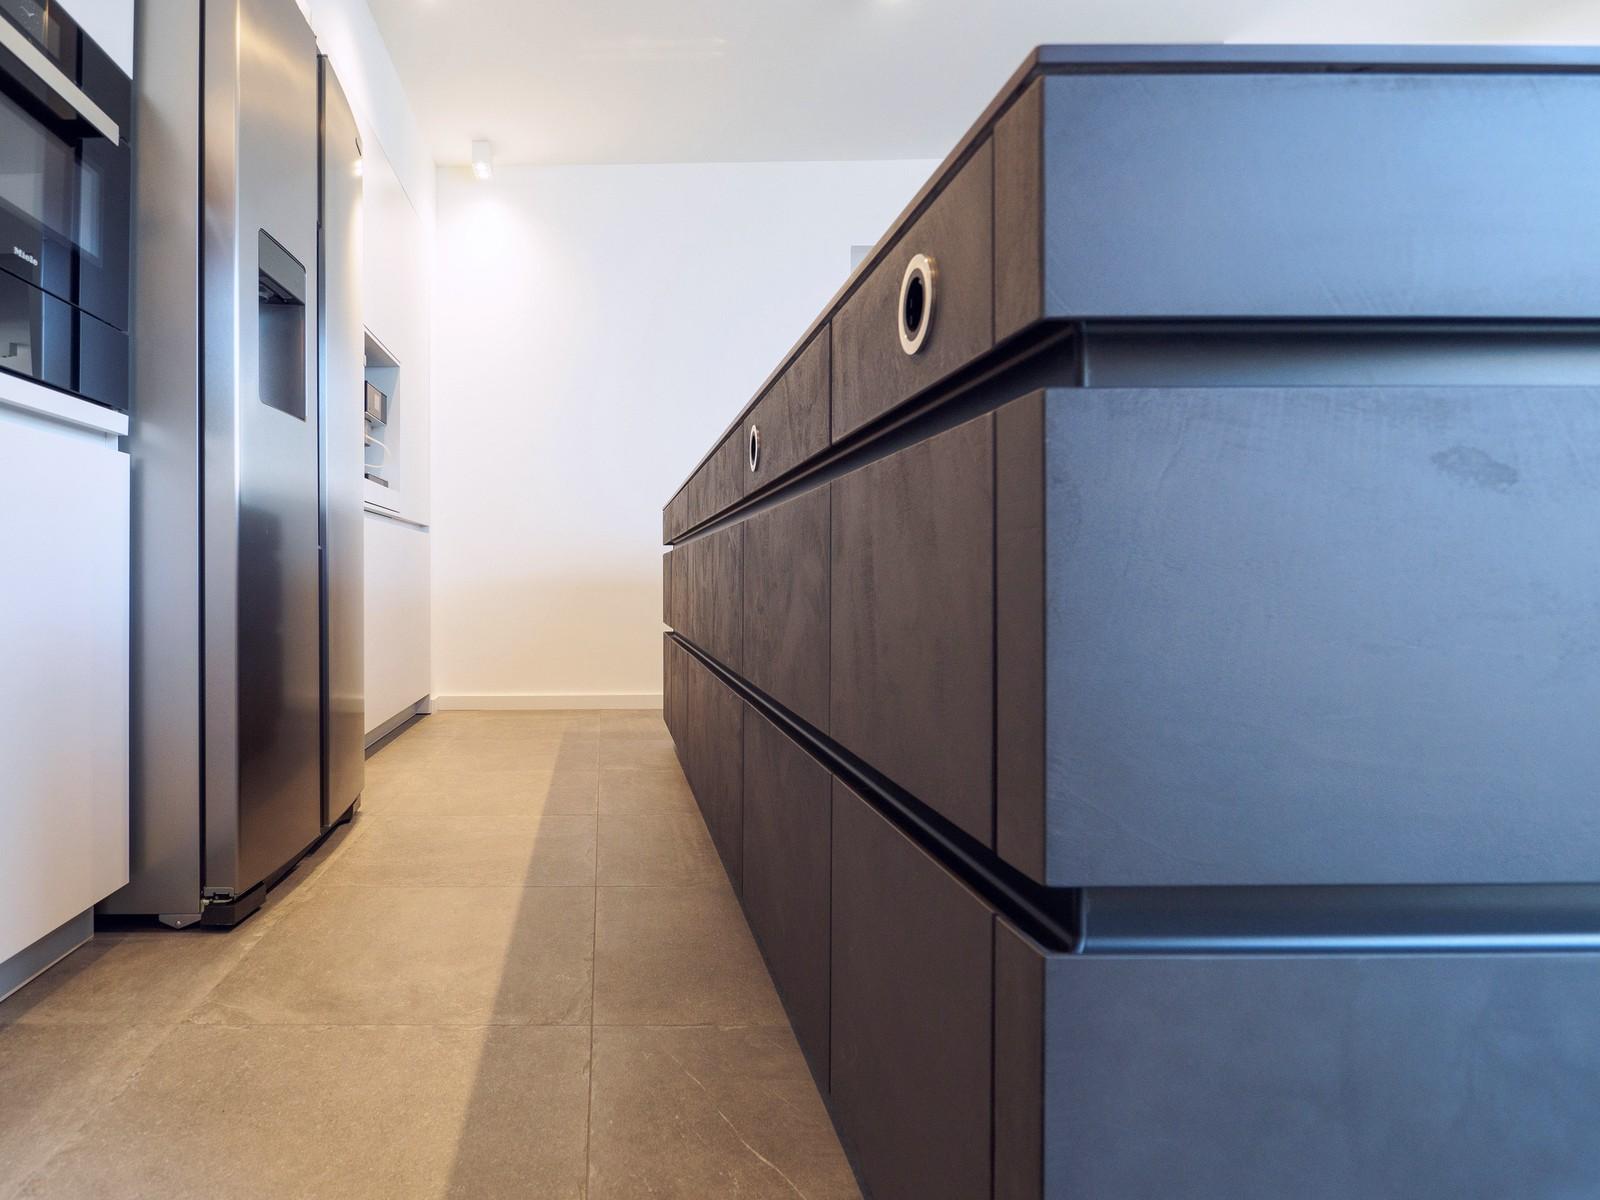 Leicht Kueche Grifflos Weiss Beton Fronten Arbeitsplatte Keramik Miele Elektro Kochmuldenluefter 8